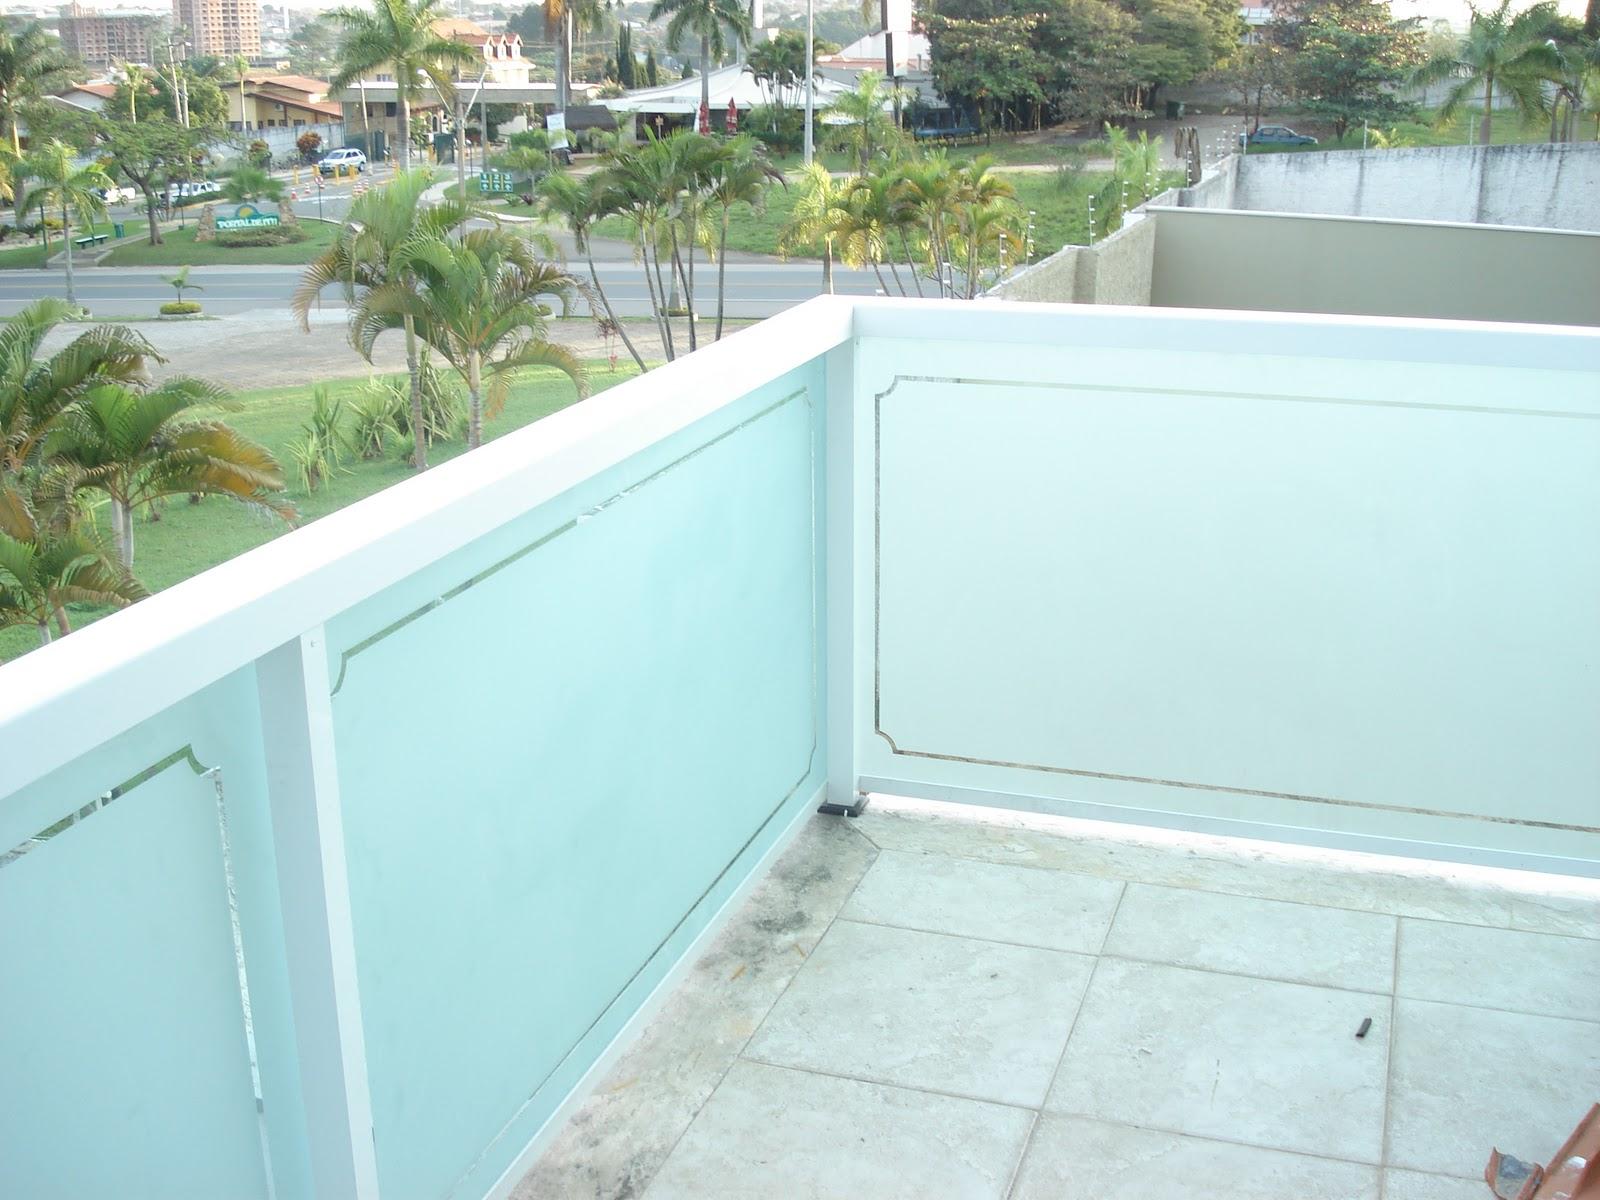 #448088 Esquadrias de Aluminio: Janeiro 2012 1412 Quanto Custa Uma Janela De Aluminio Branco